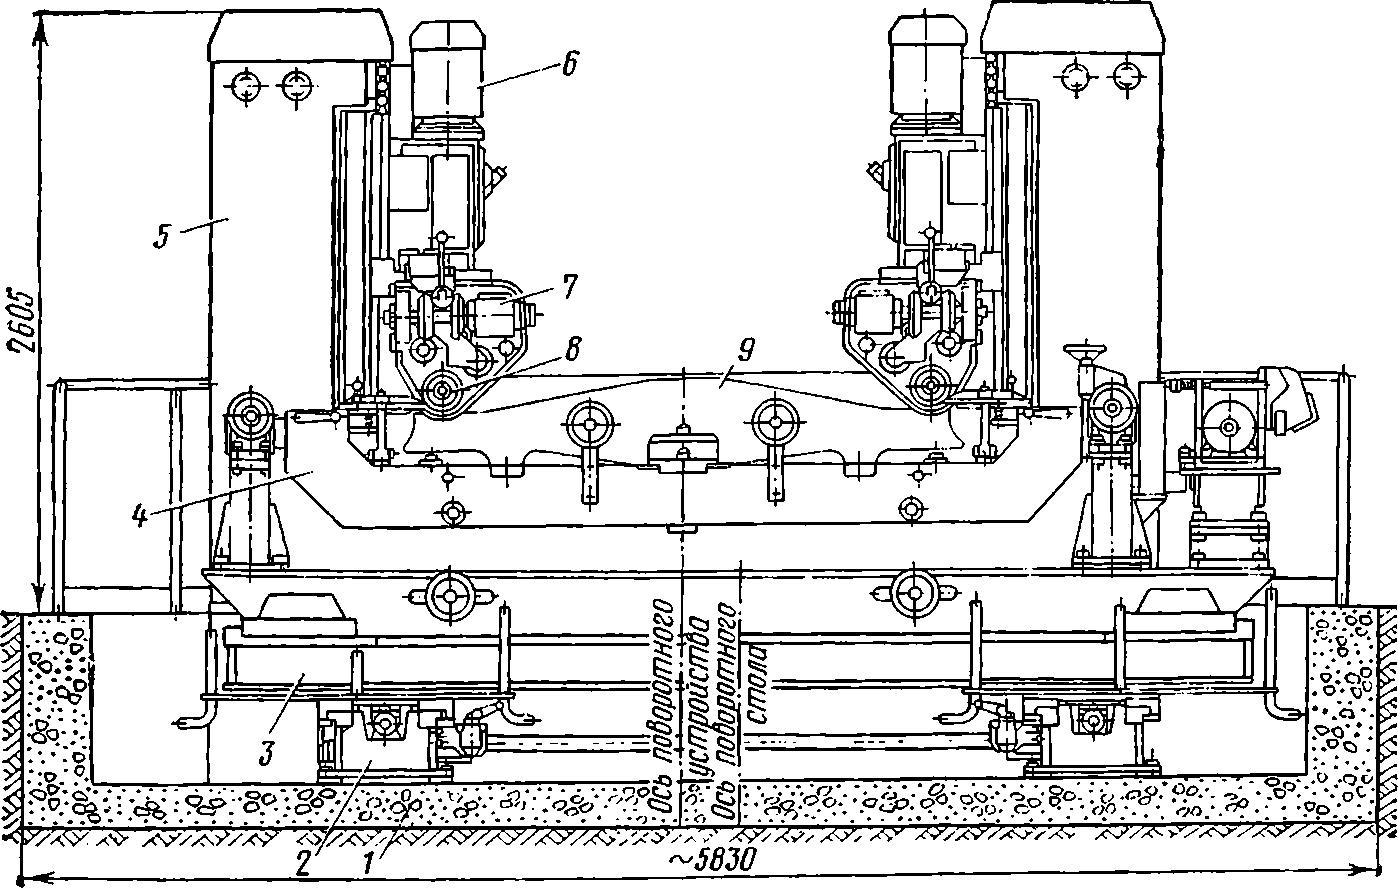 агрегат для обработки направляющих пазов надрессорных балок тележек